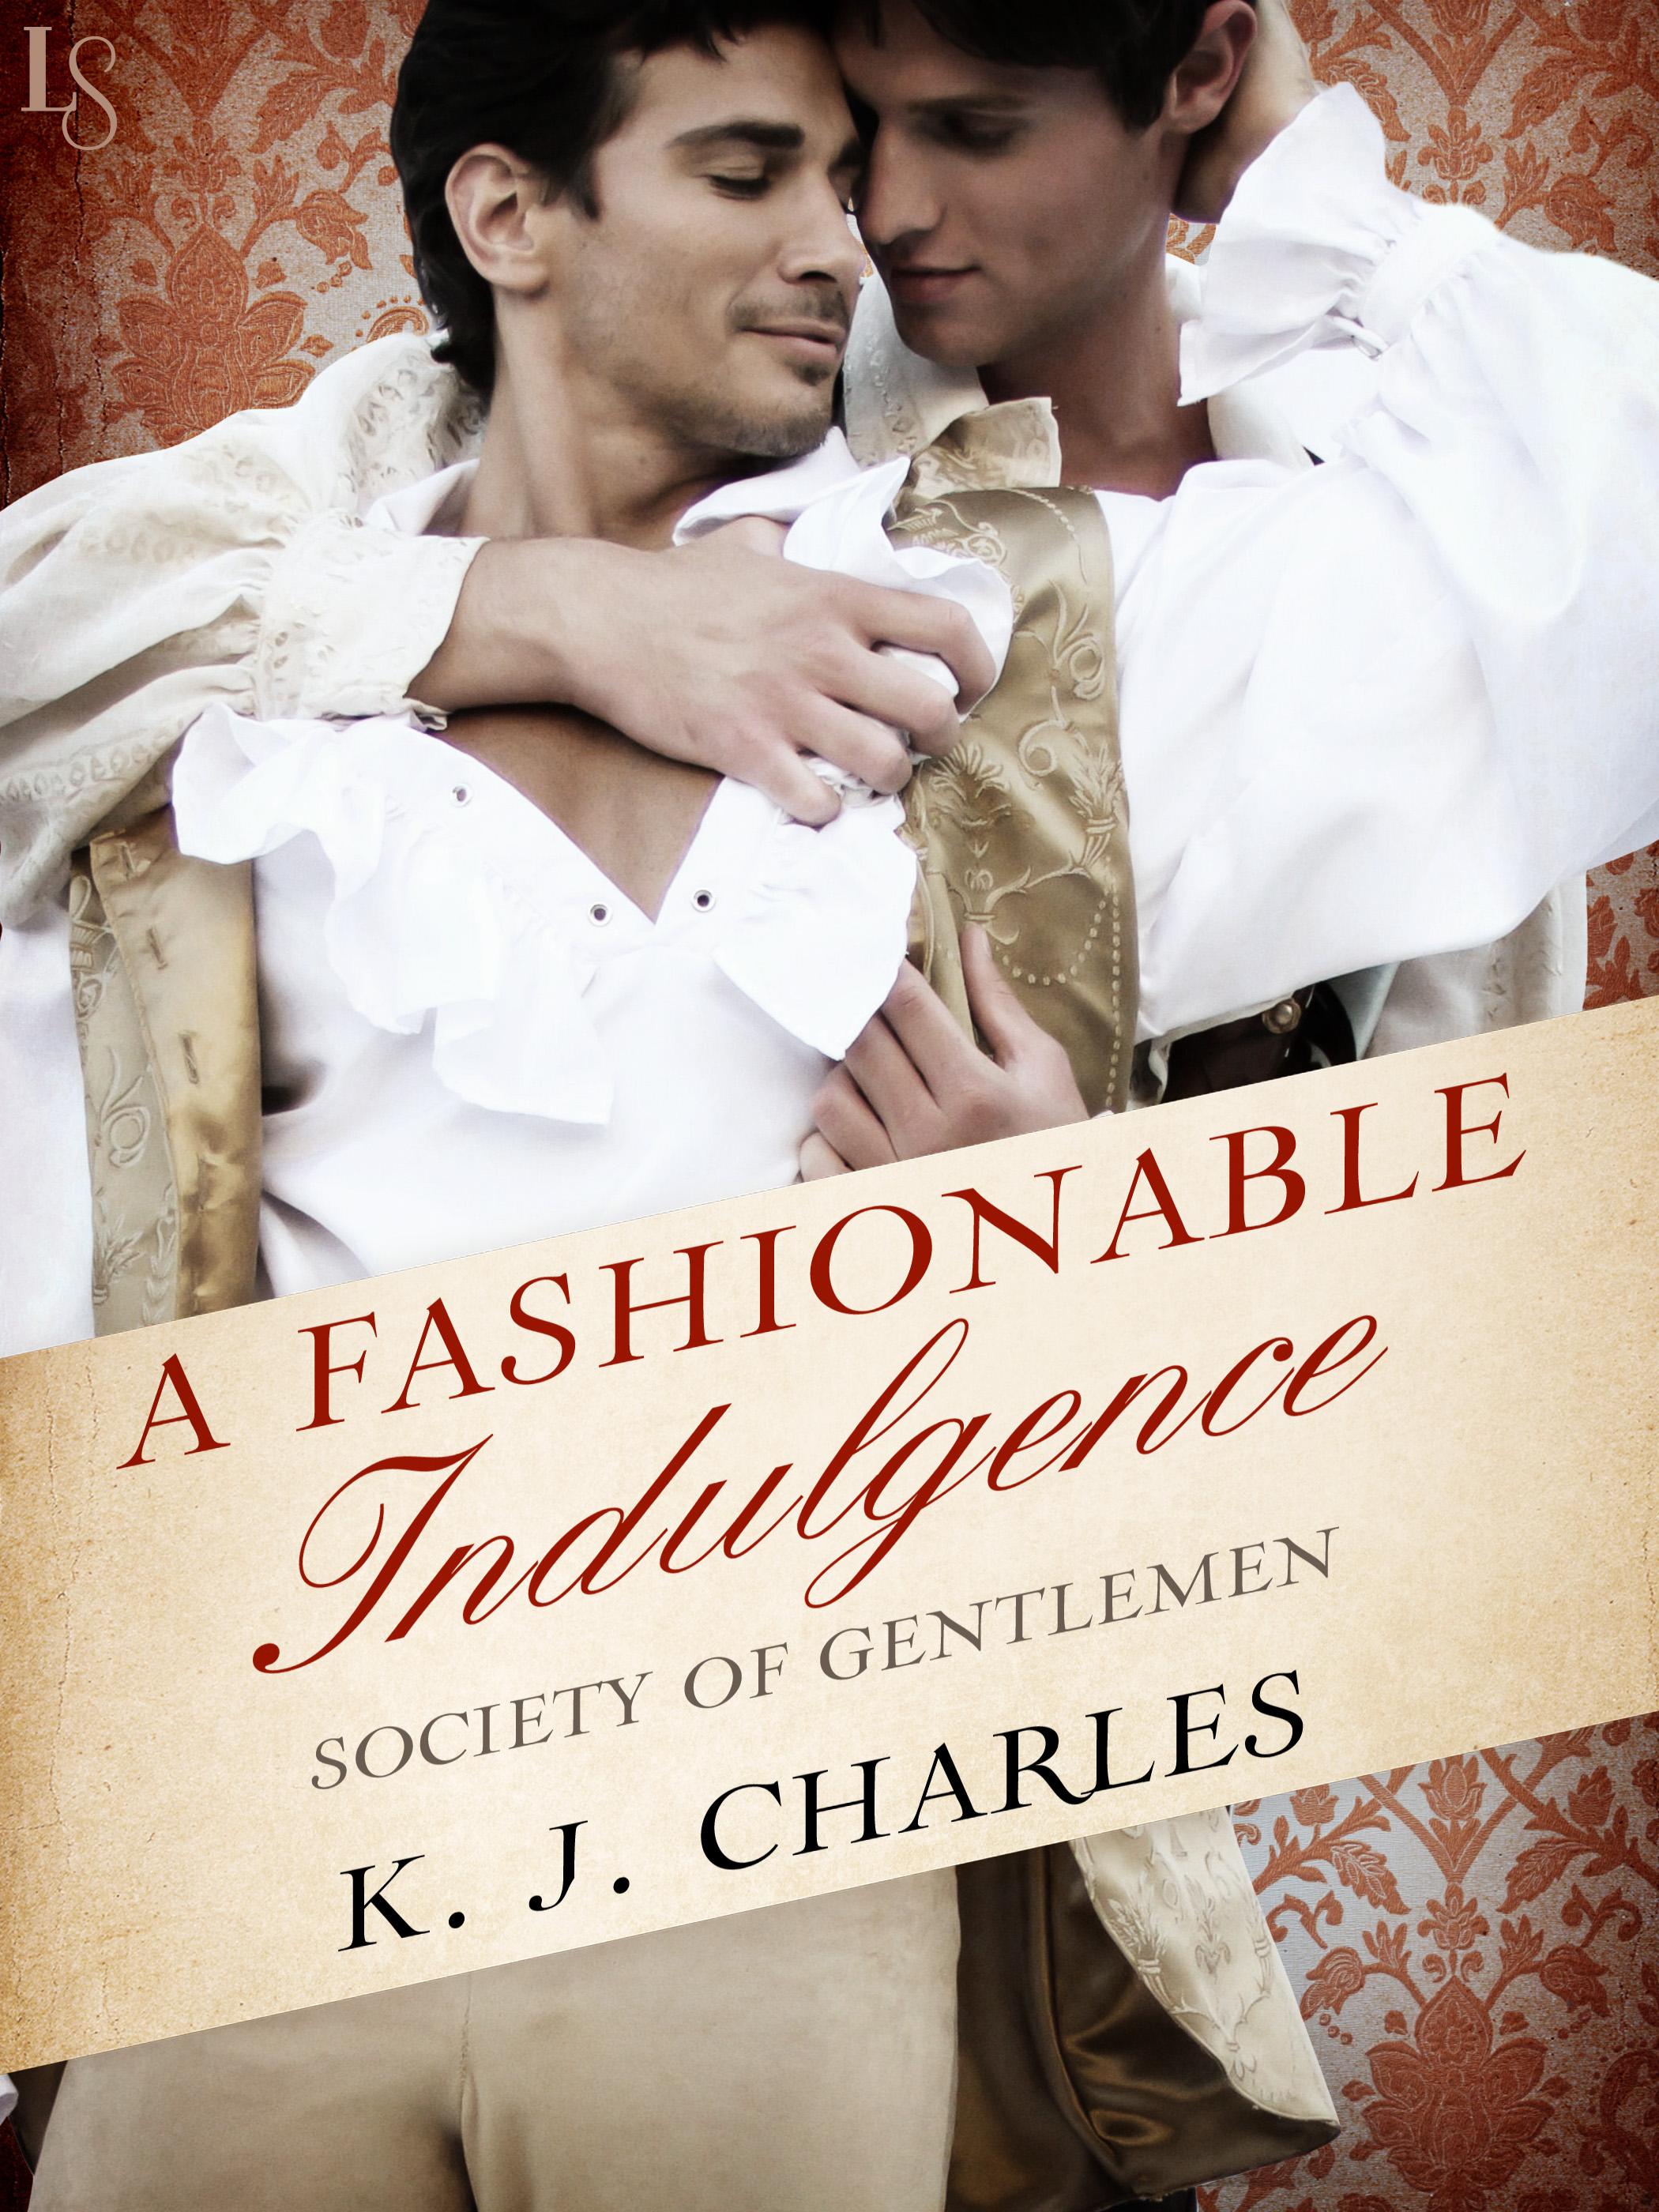 Fashionable-Indulgence-KJCharles